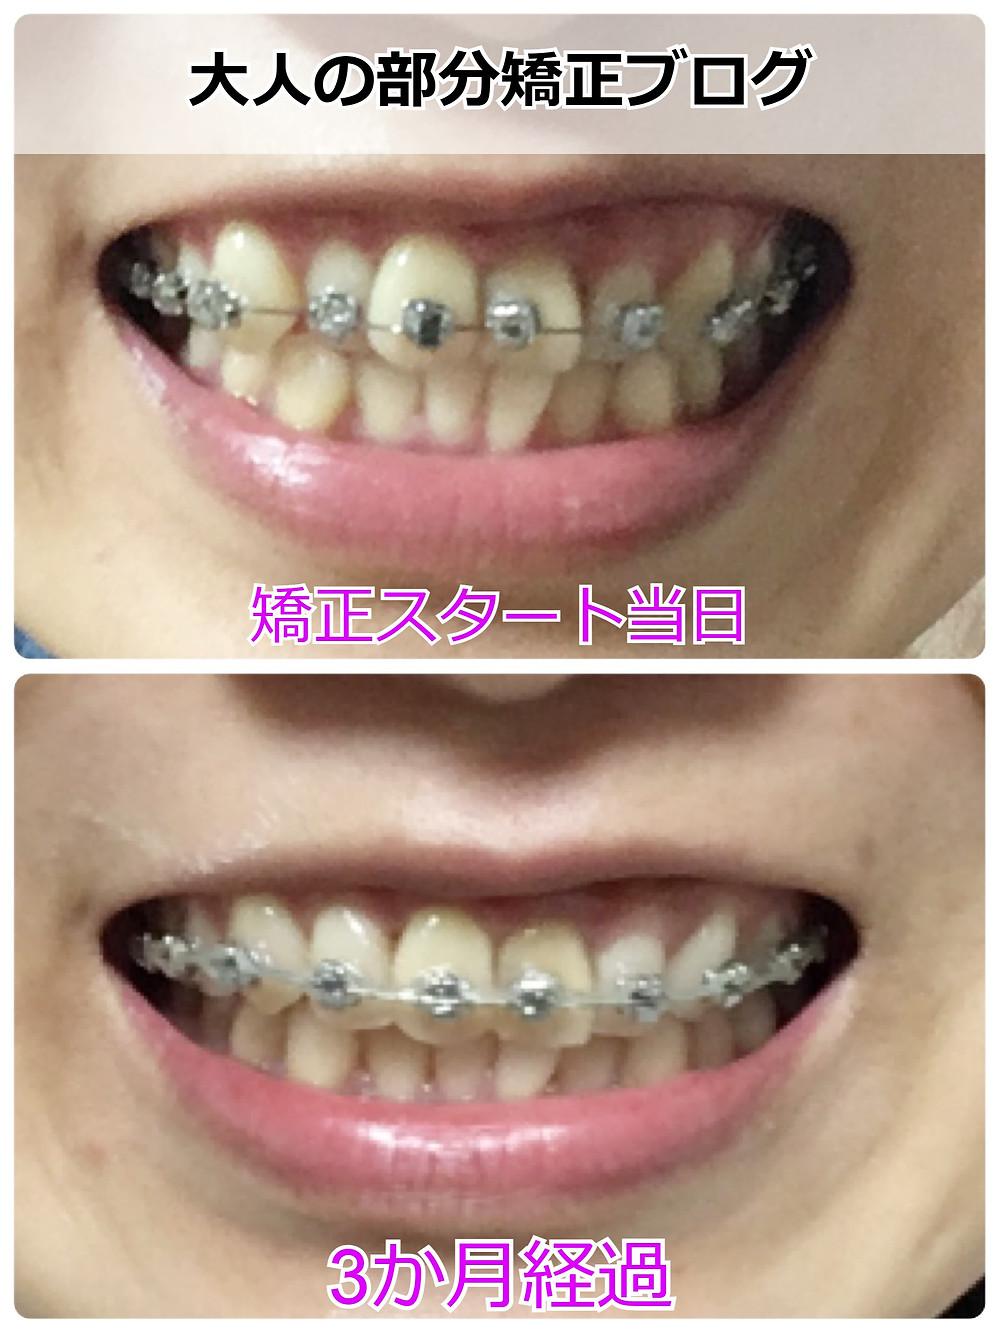 八重歯の部分矯正スタートから3か月・比較画像(正面から)